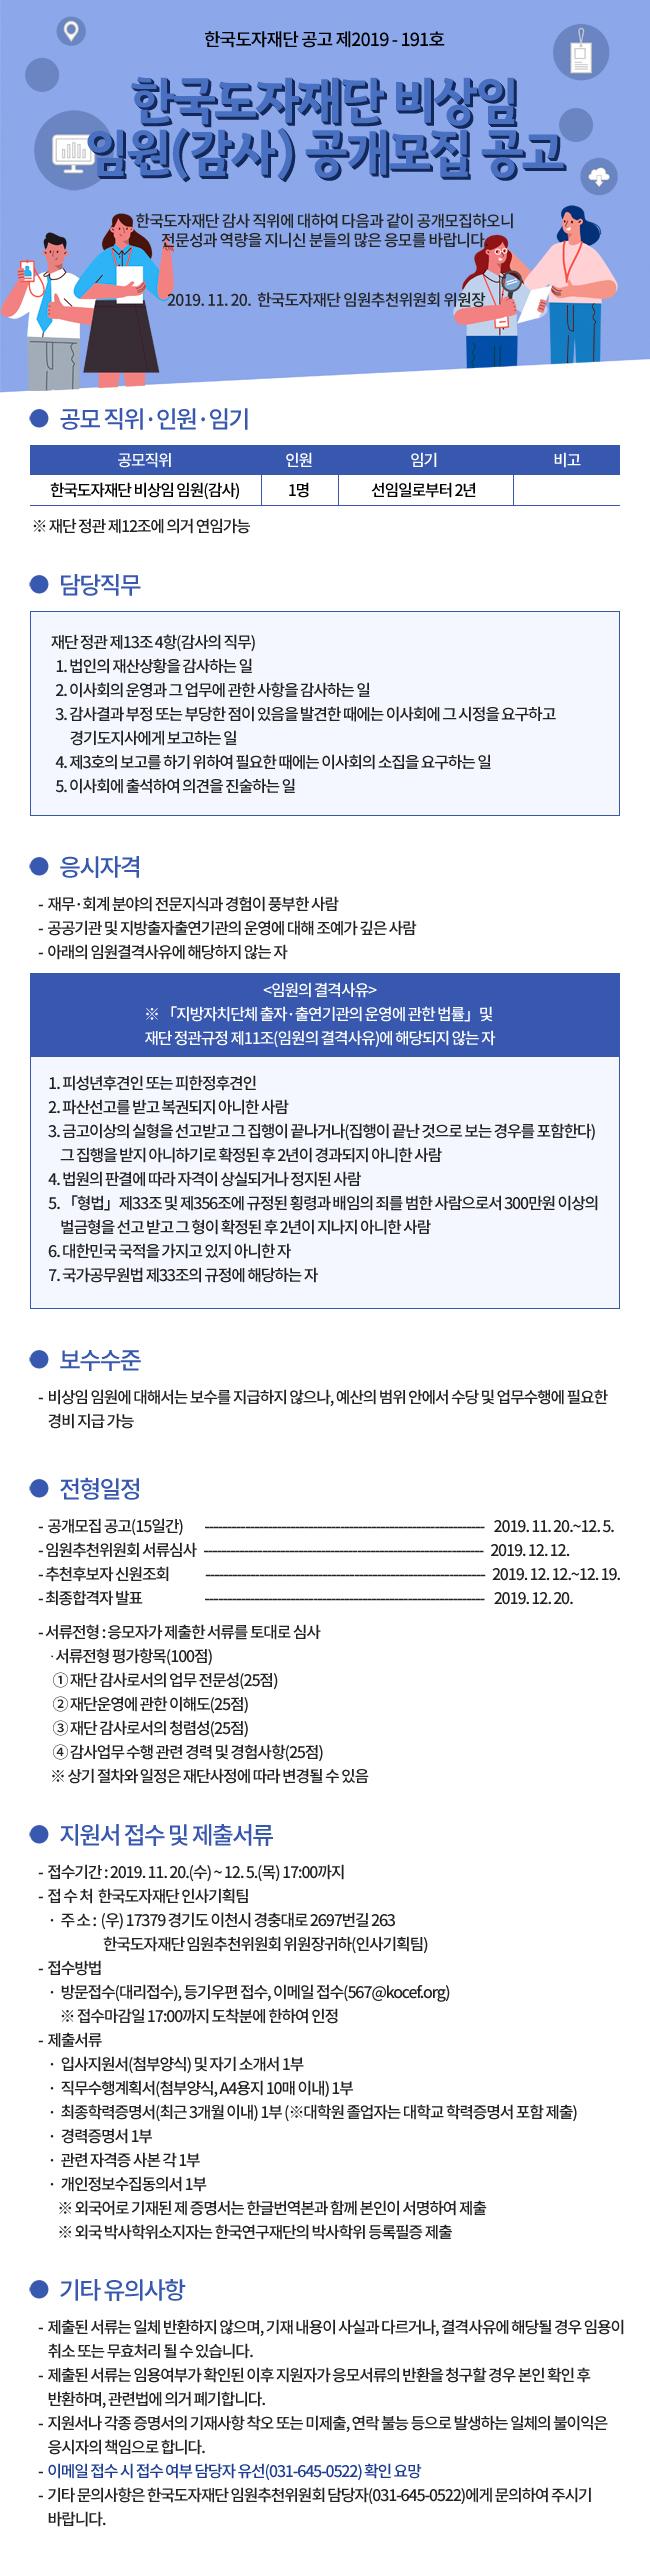 한국도자재단 비상임 임원(감사) 공개모집 공고